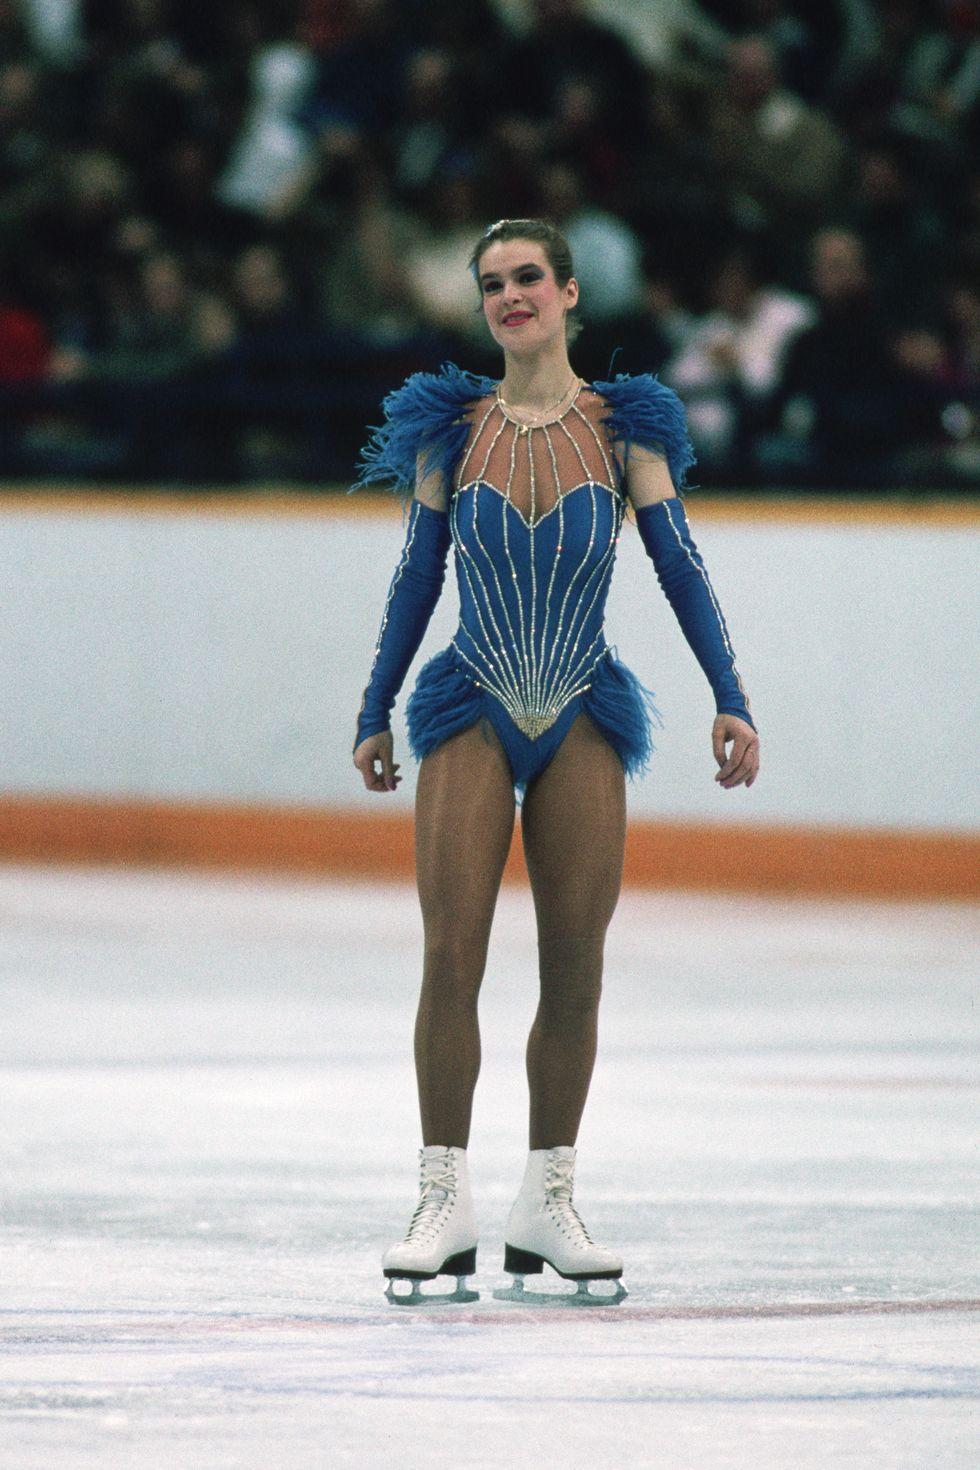 """1988: Катарина Вит 4 години по-късно Уит отново главозамайва с тоалет - трико с пера и блестящи елементи. Липсата на пола обаче разклаща федерацията, която скоро измисля """"Правилото Катарина"""", задължаващо всички фигуристки да носят поли. Спорът не наранява спортиската и тя успешно се пързаля към поредната златна победа."""